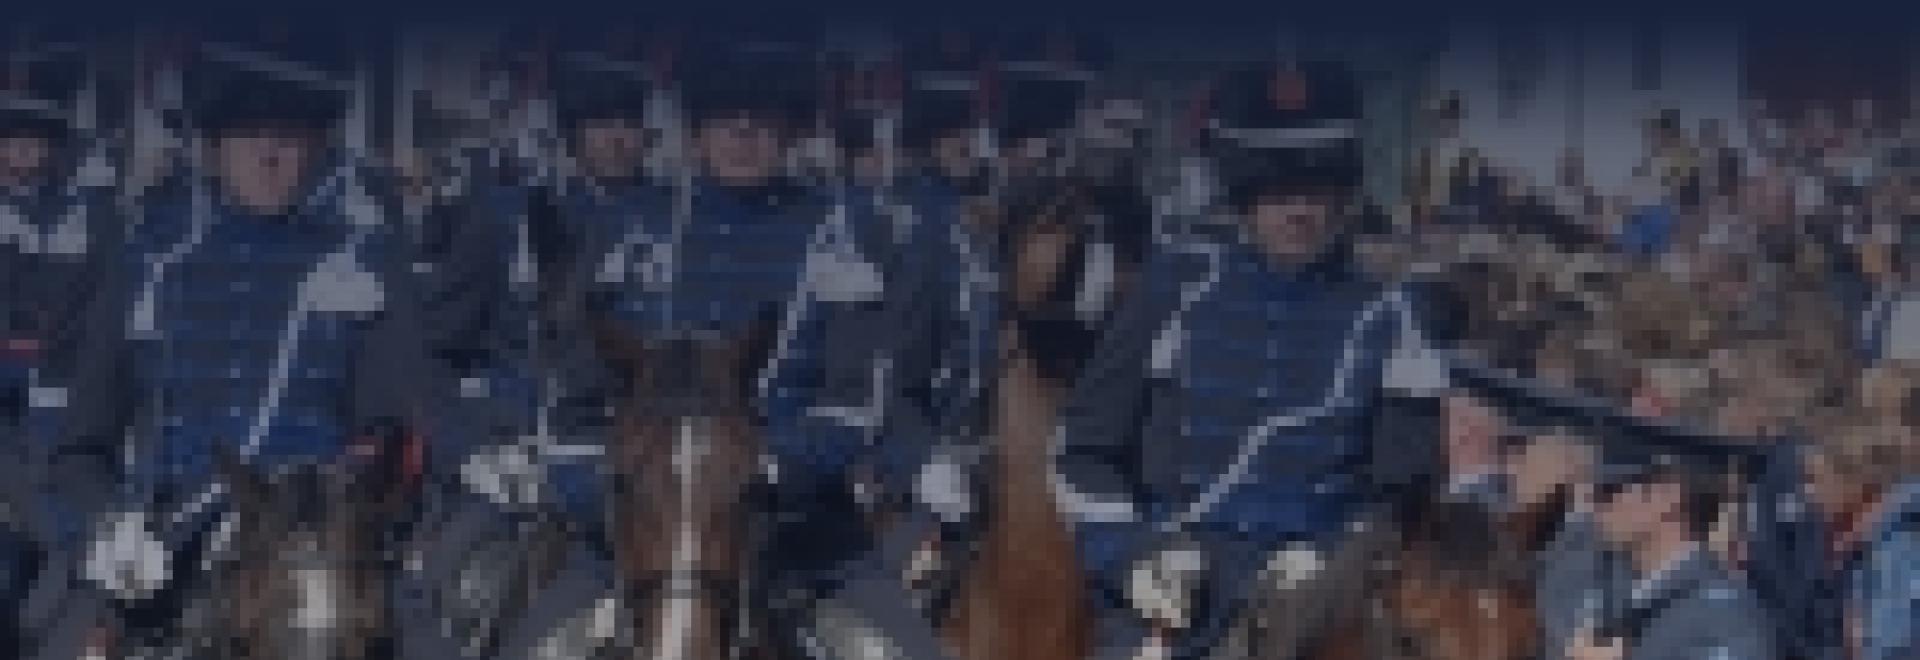 Militair ambtenaar met letsel | Compensa Letselschade